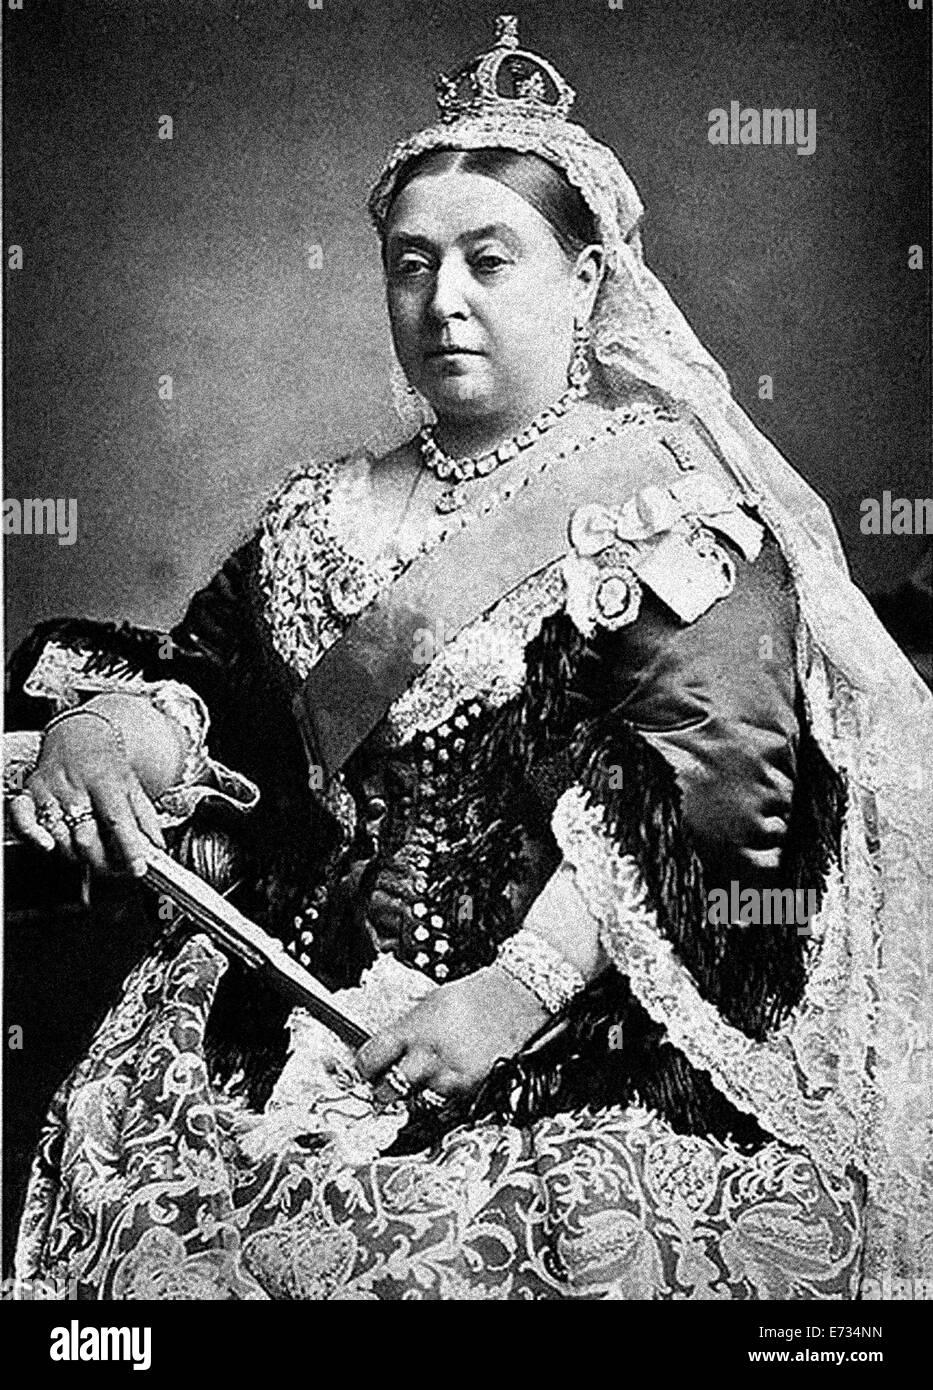 La reina Victoria durante su Jubileo de Diamante. A partir de los archivos de prensa Servicio de retrato (vertical) Imagen De Stock